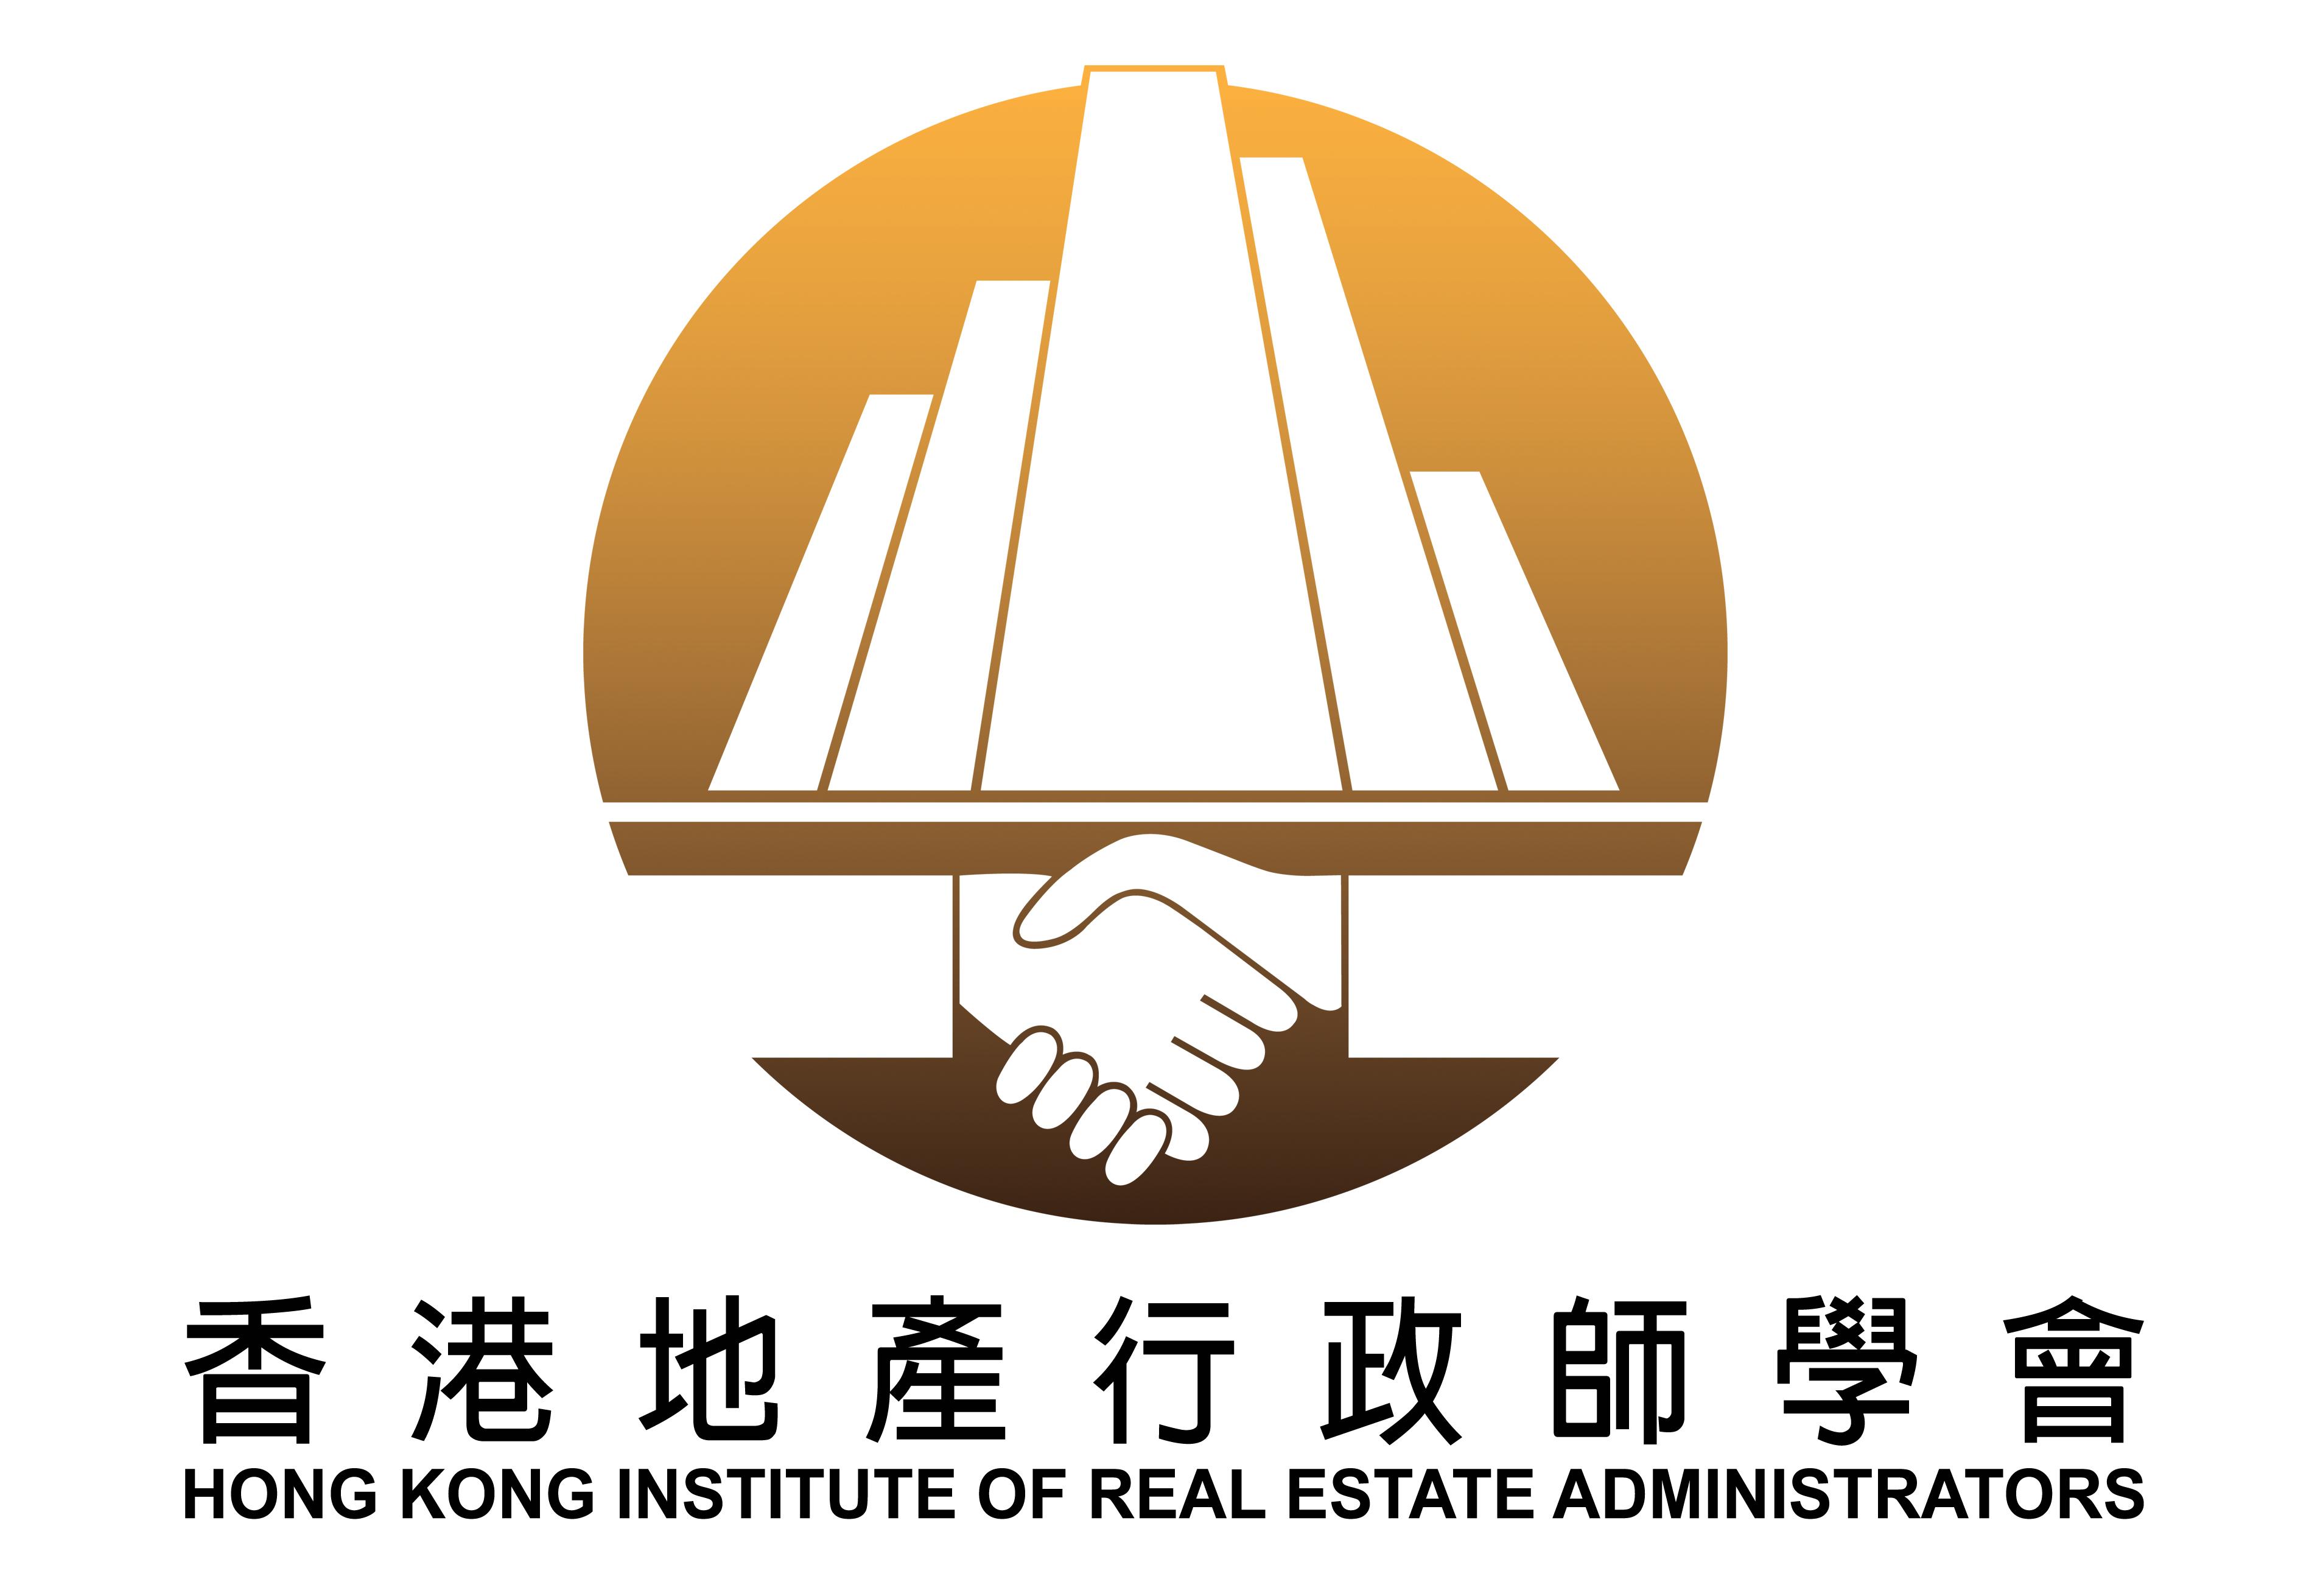 Hong Kong Institute of Real Estate Administrators香港地產行政師學會